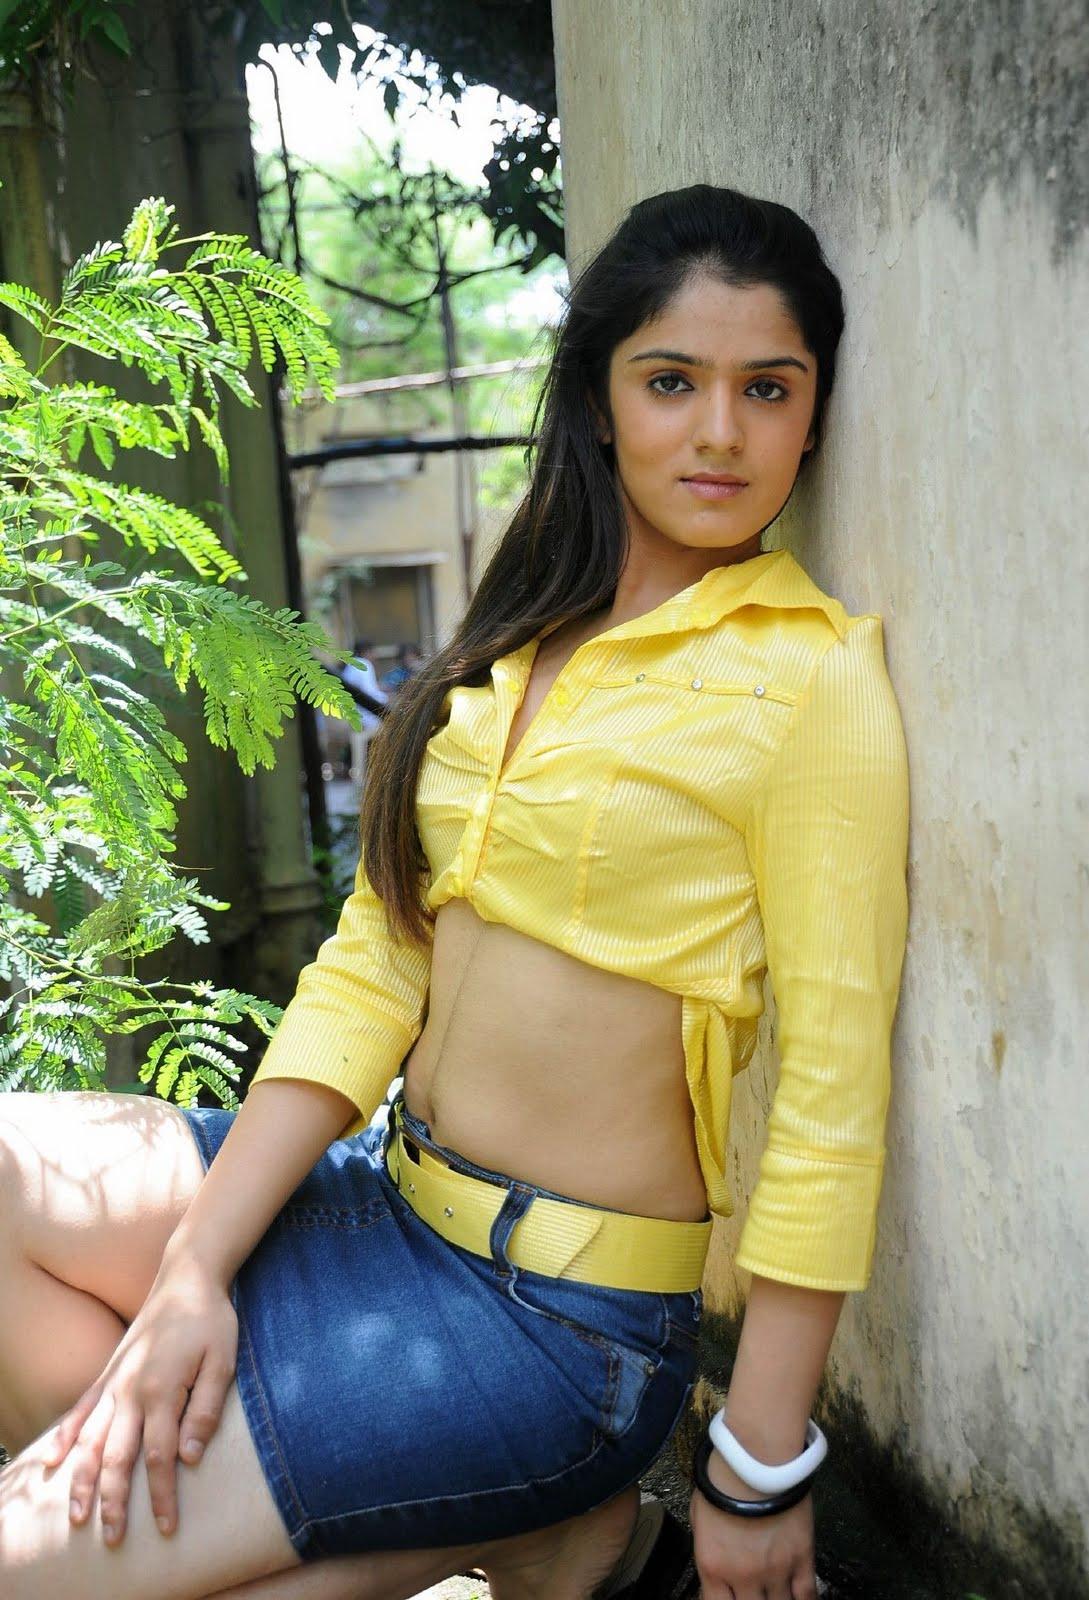 Shefali Zariwala Family Shefali sharma yellow Shefali Sharma Hot